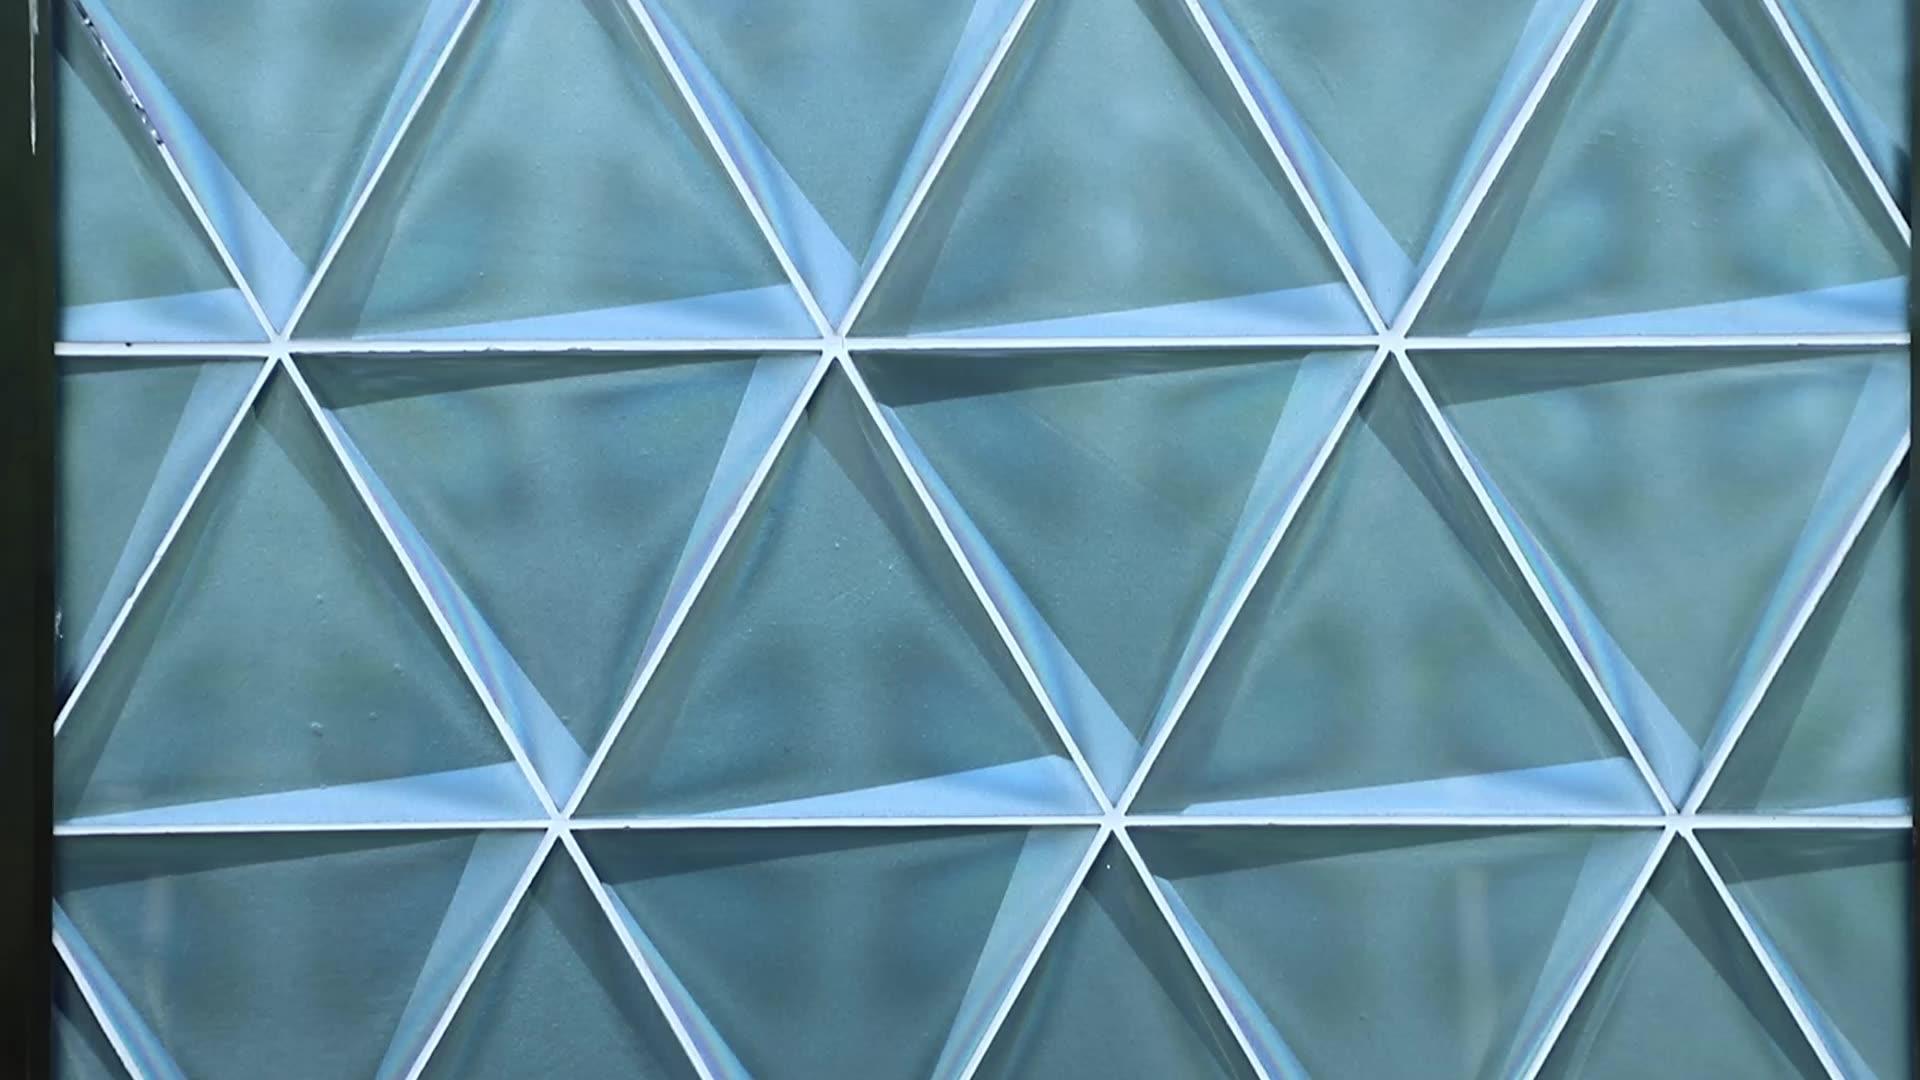 2019 nóng bán hiện đại bianco carrara đá cẩm thạch trắng hình lục giác gạch mosaic cho phòng tắm